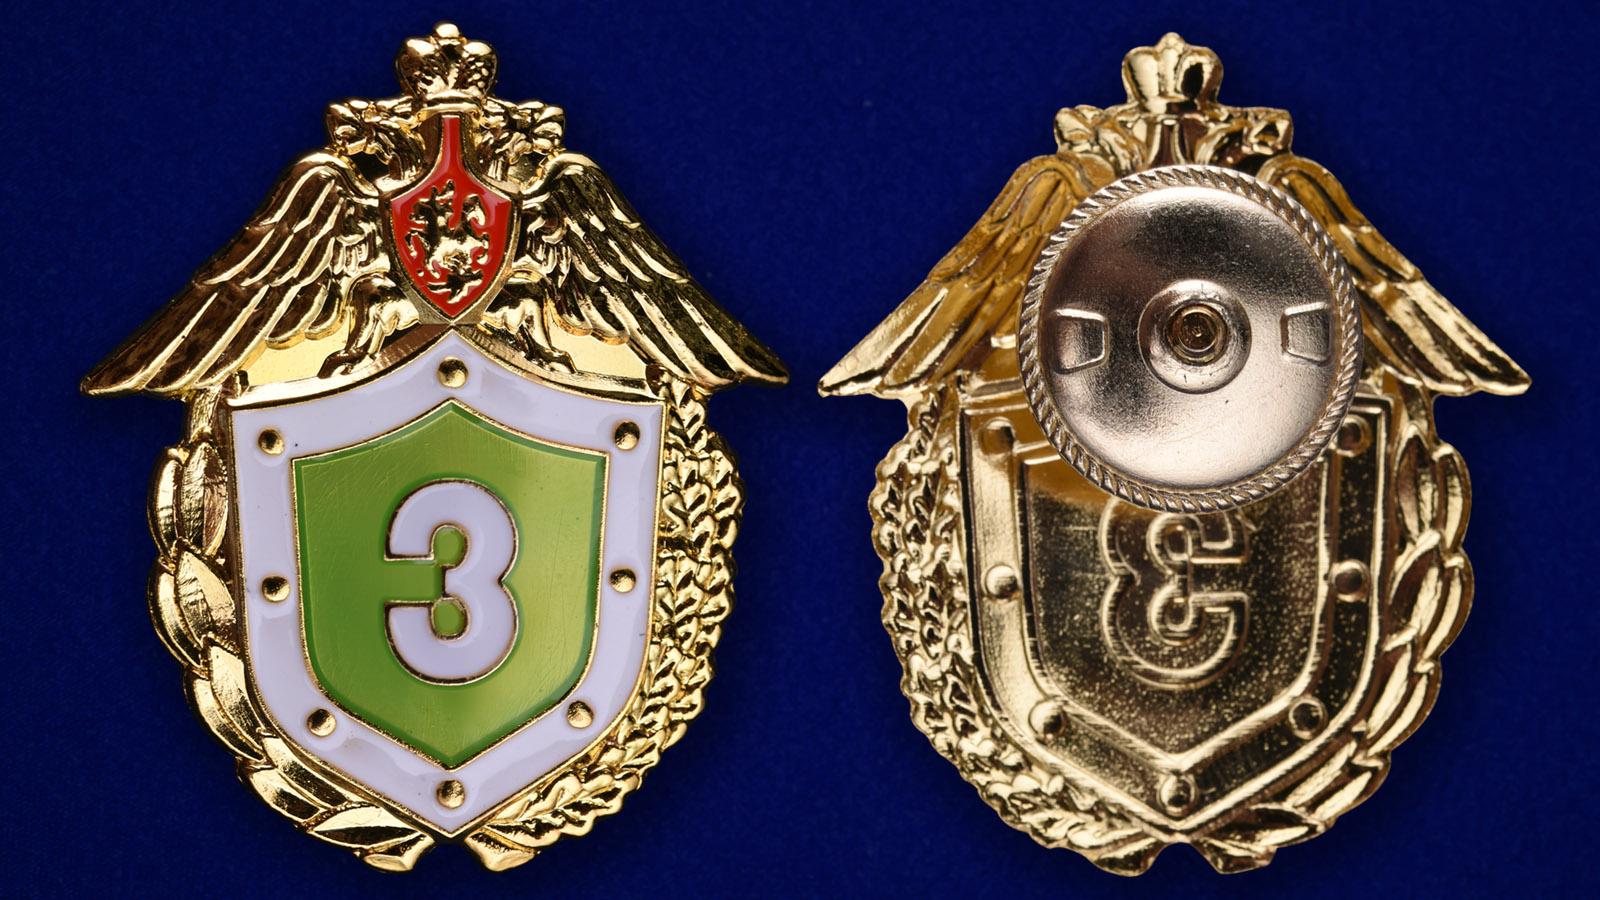 Знак ФПС РФ Классный специалист 3 класс в бархатном футляре - Аверс и реверс